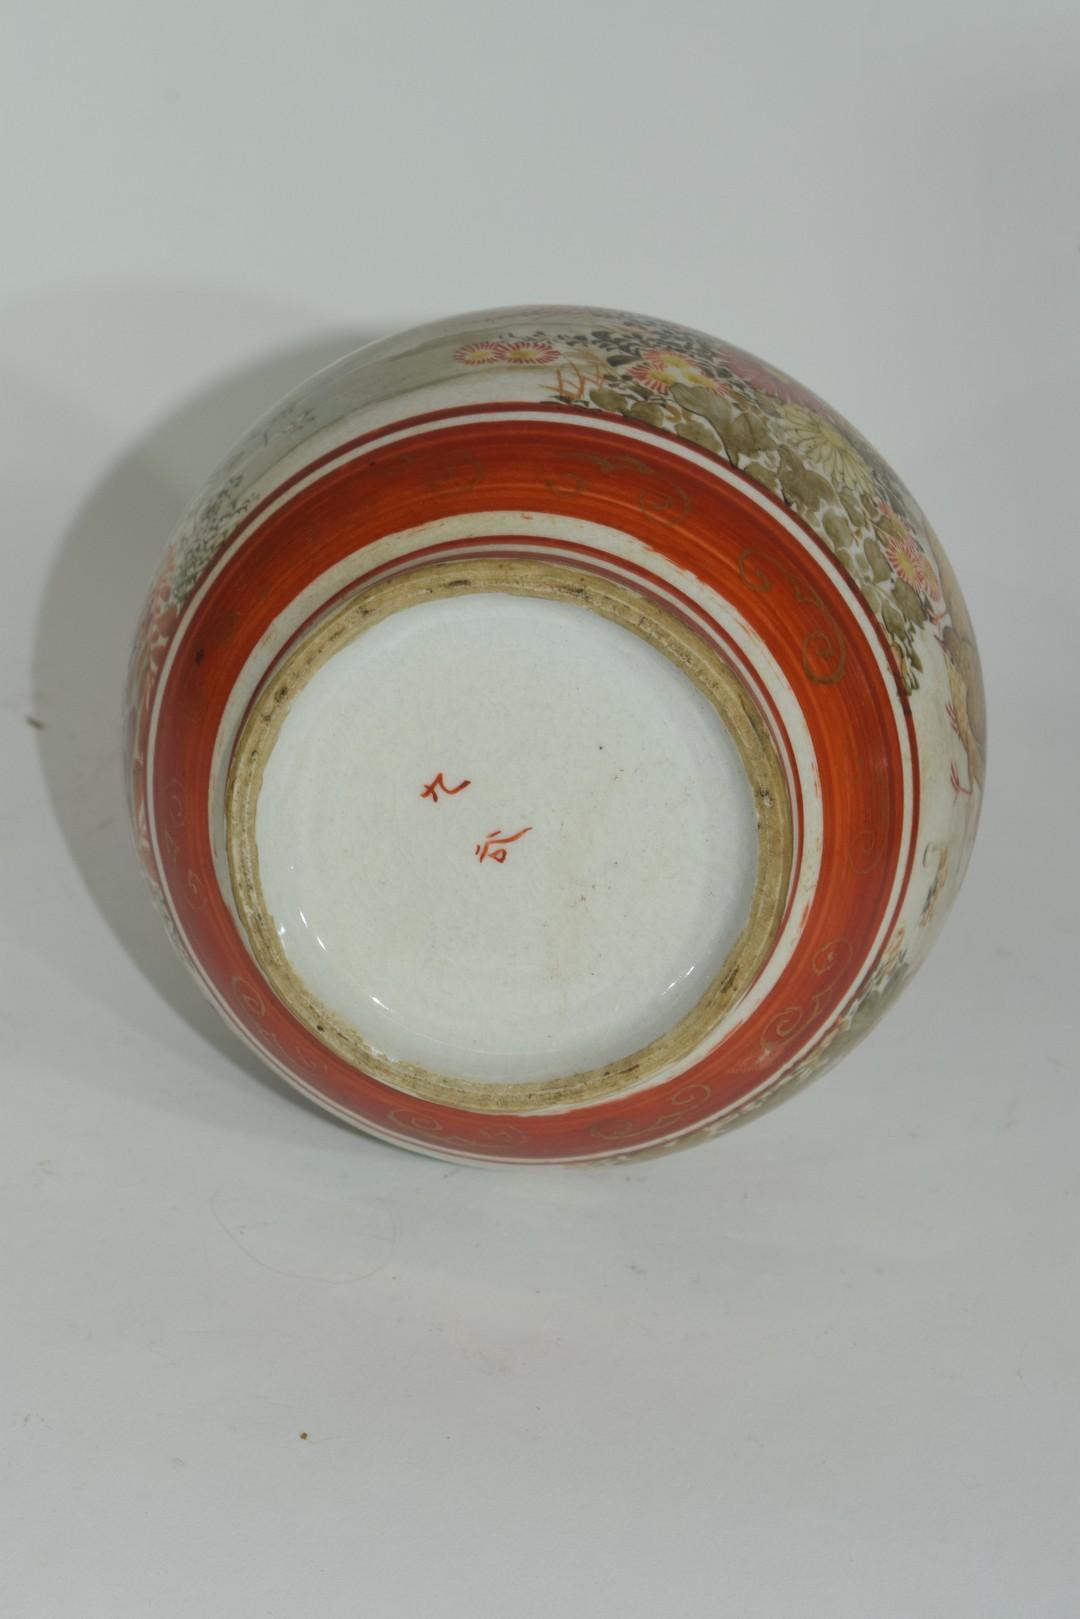 Group of Japanese Kutani style vases - Image 18 of 18